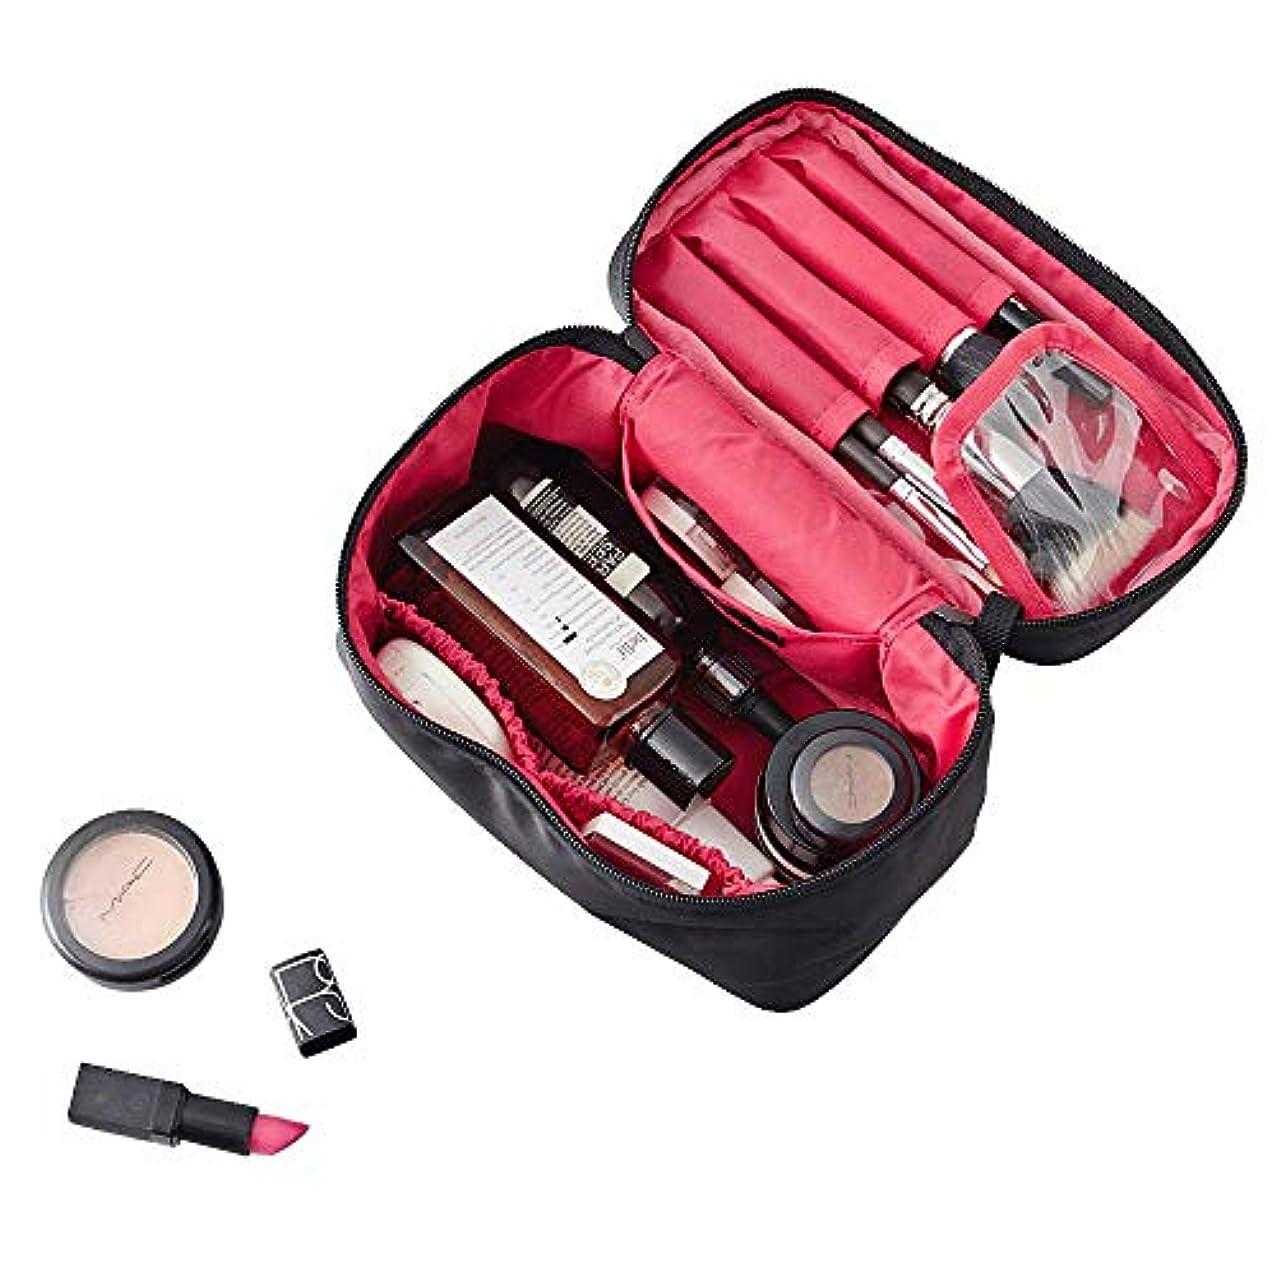 一杯できたオプションNKTM 化粧ポーチ コスメポーチ メイクポーチ 大容量 バニティポーチ 機能的 小物入れ 化粧道具 旅行 (ブランク)